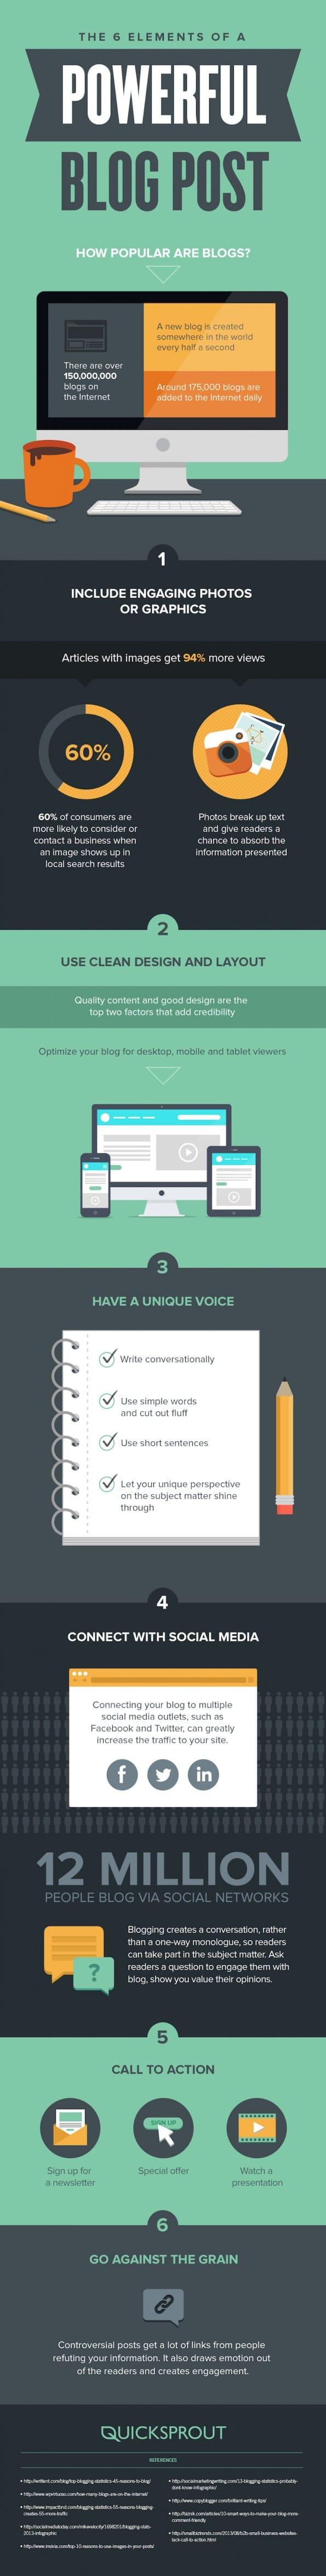 Het geheim van een effectieve blog- 6 elementen [infographic]